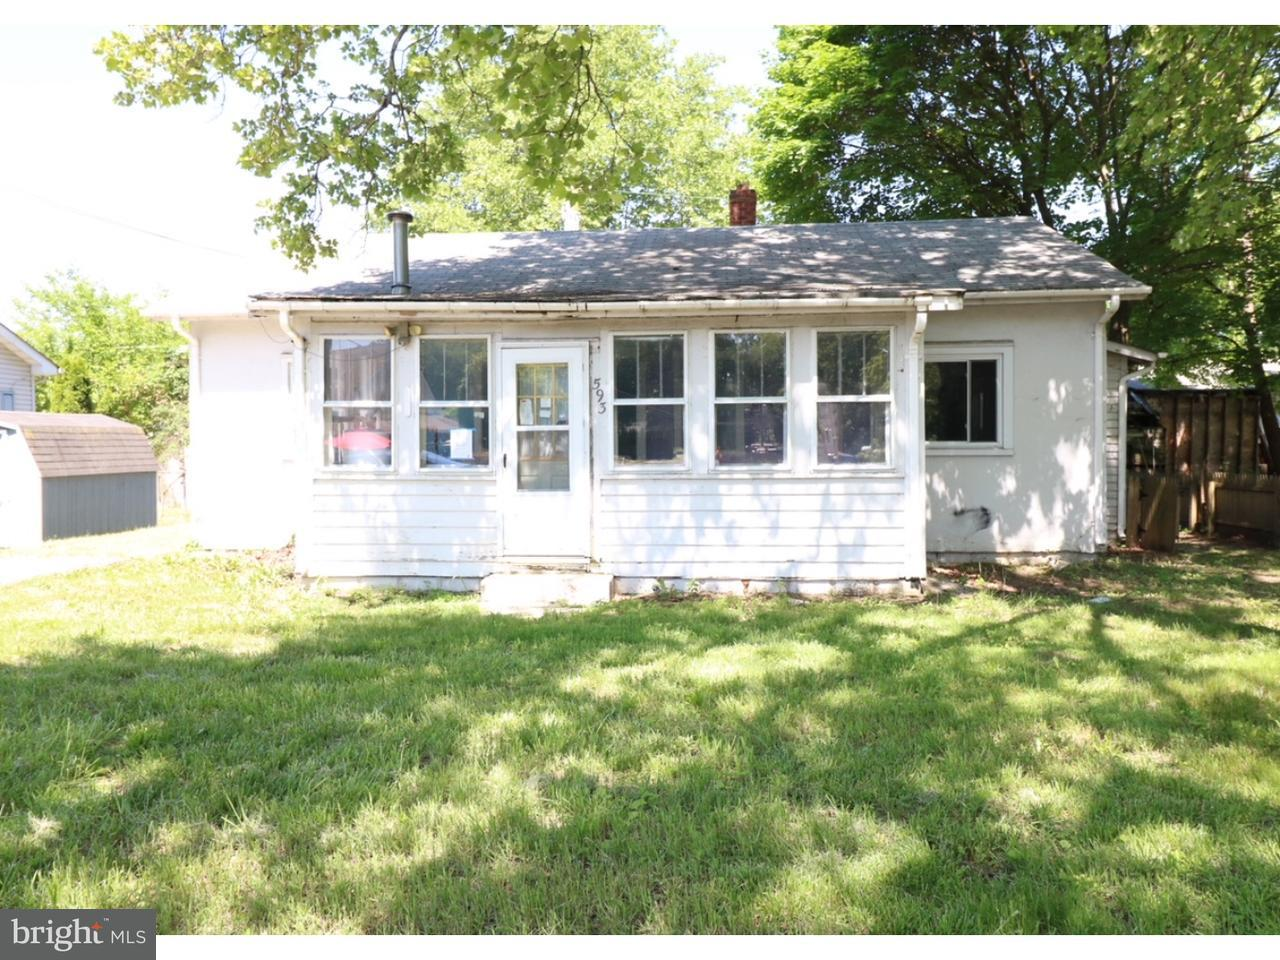 Casa Unifamiliar por un Venta en 593 N BROADWAY Deepwater, Nueva Jersey 08023 Estados Unidos